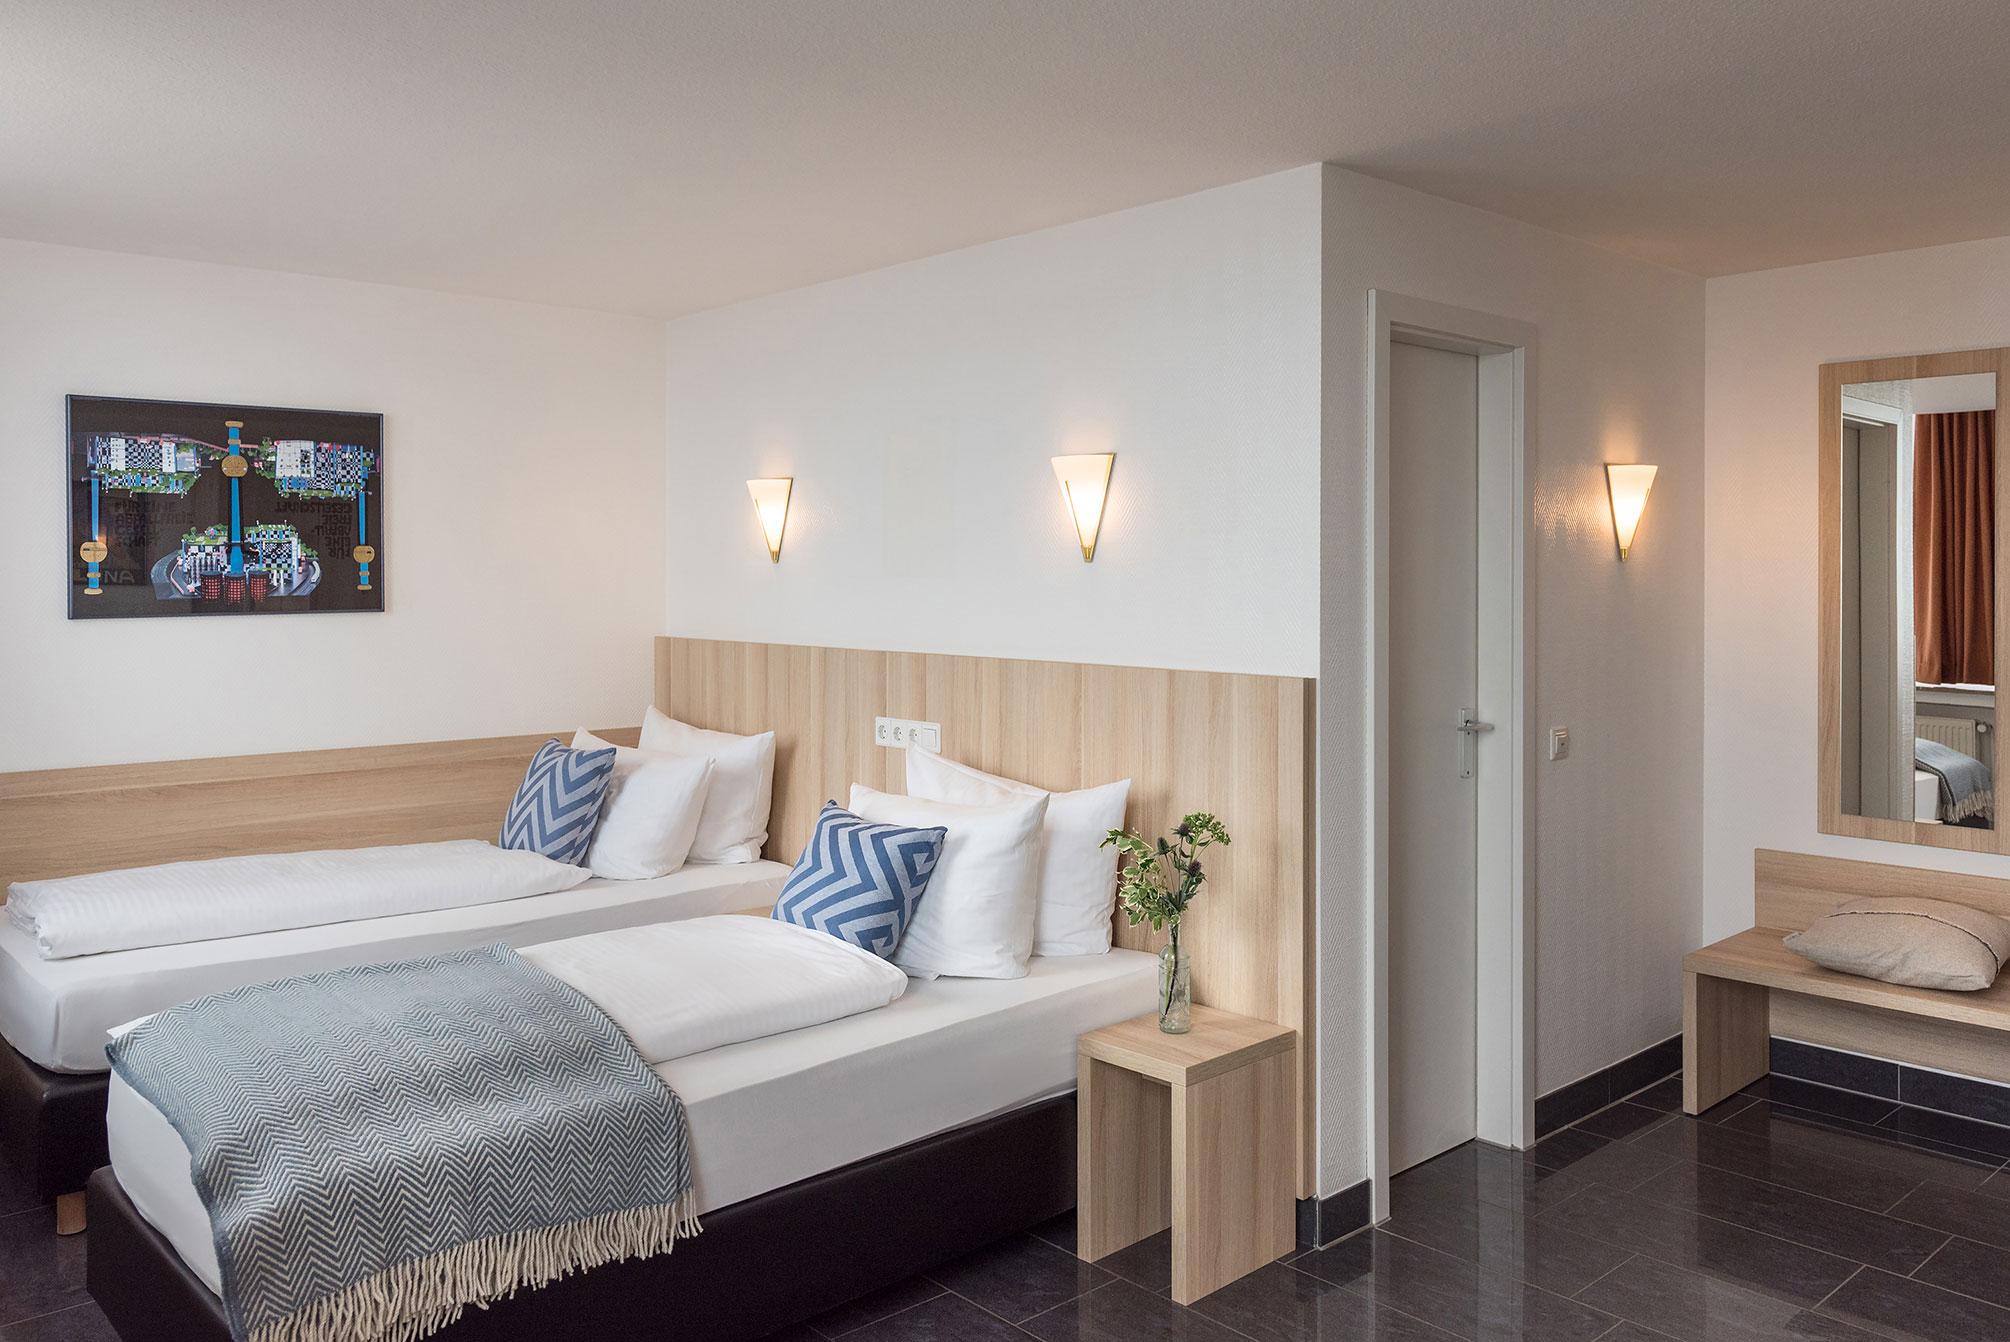 Full Size of Betten Münster Twin Zimmer Komfort Hotel Conti Muenster Hohe Ausgefallene Tagesdecken Für Ruf Weiße Günstige Günstig Kaufen 180x200 Mit Matratze Und Bett Betten Münster